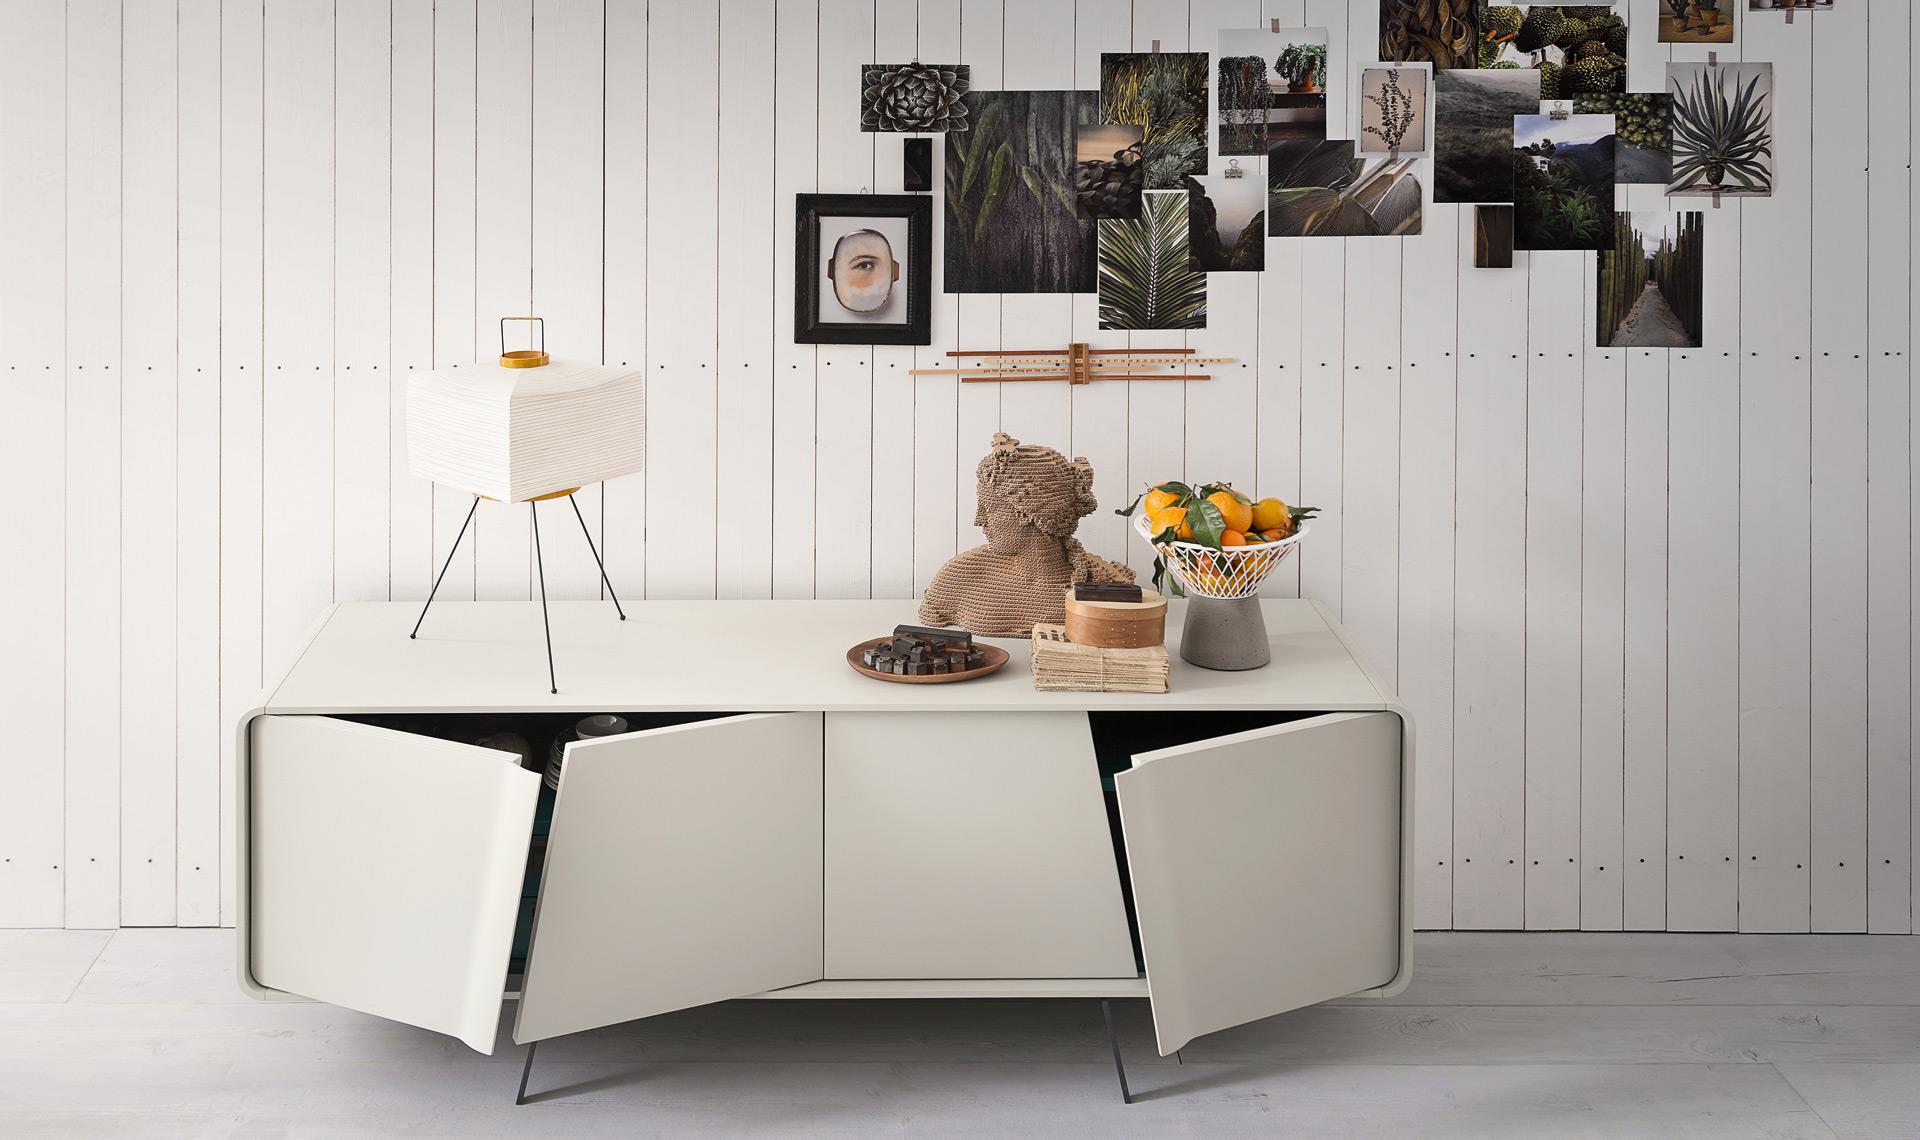 Credenza Moderna Di Design : Madia moderna mobili e accessori per la casa kijiji annunci